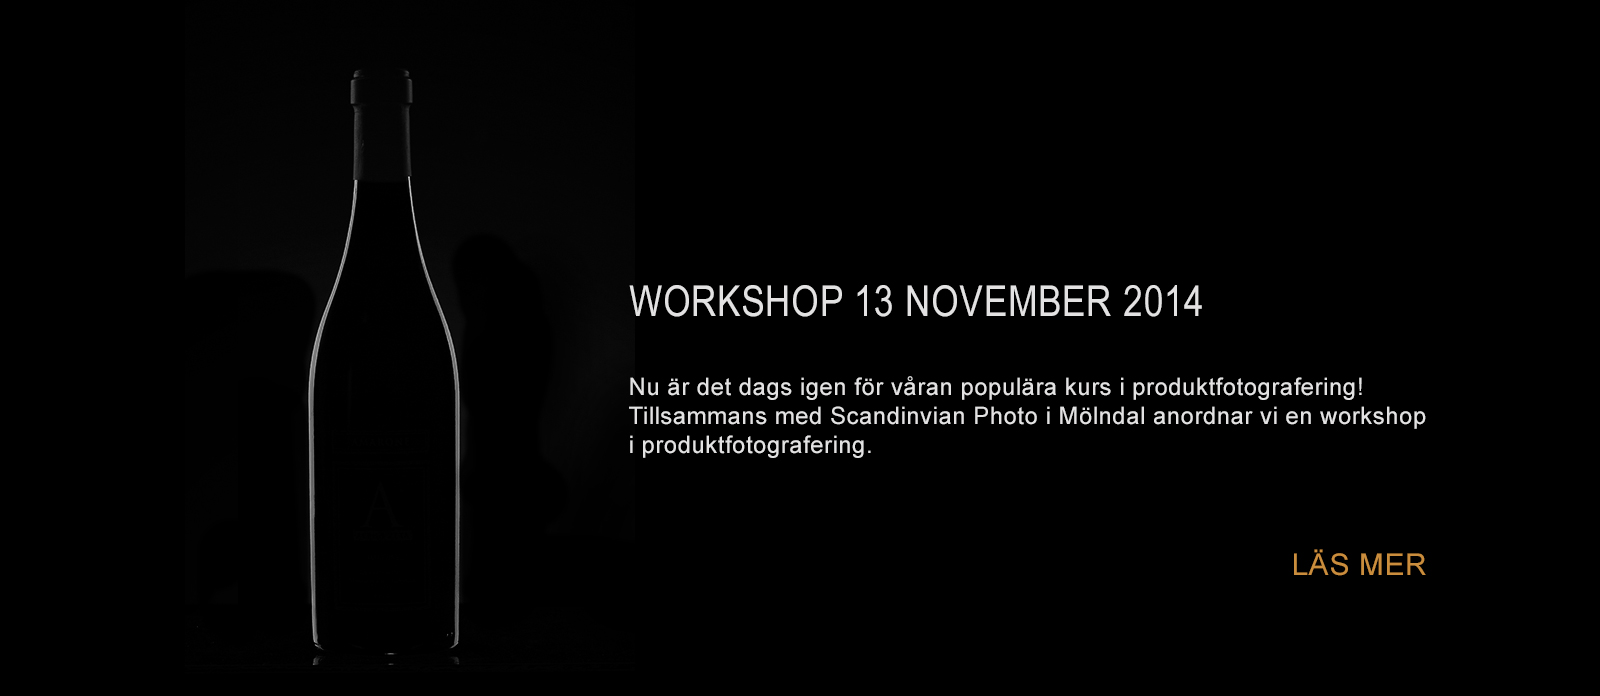 Följ våran fotograf och ta del av hans tips och trix i produktfotografering.